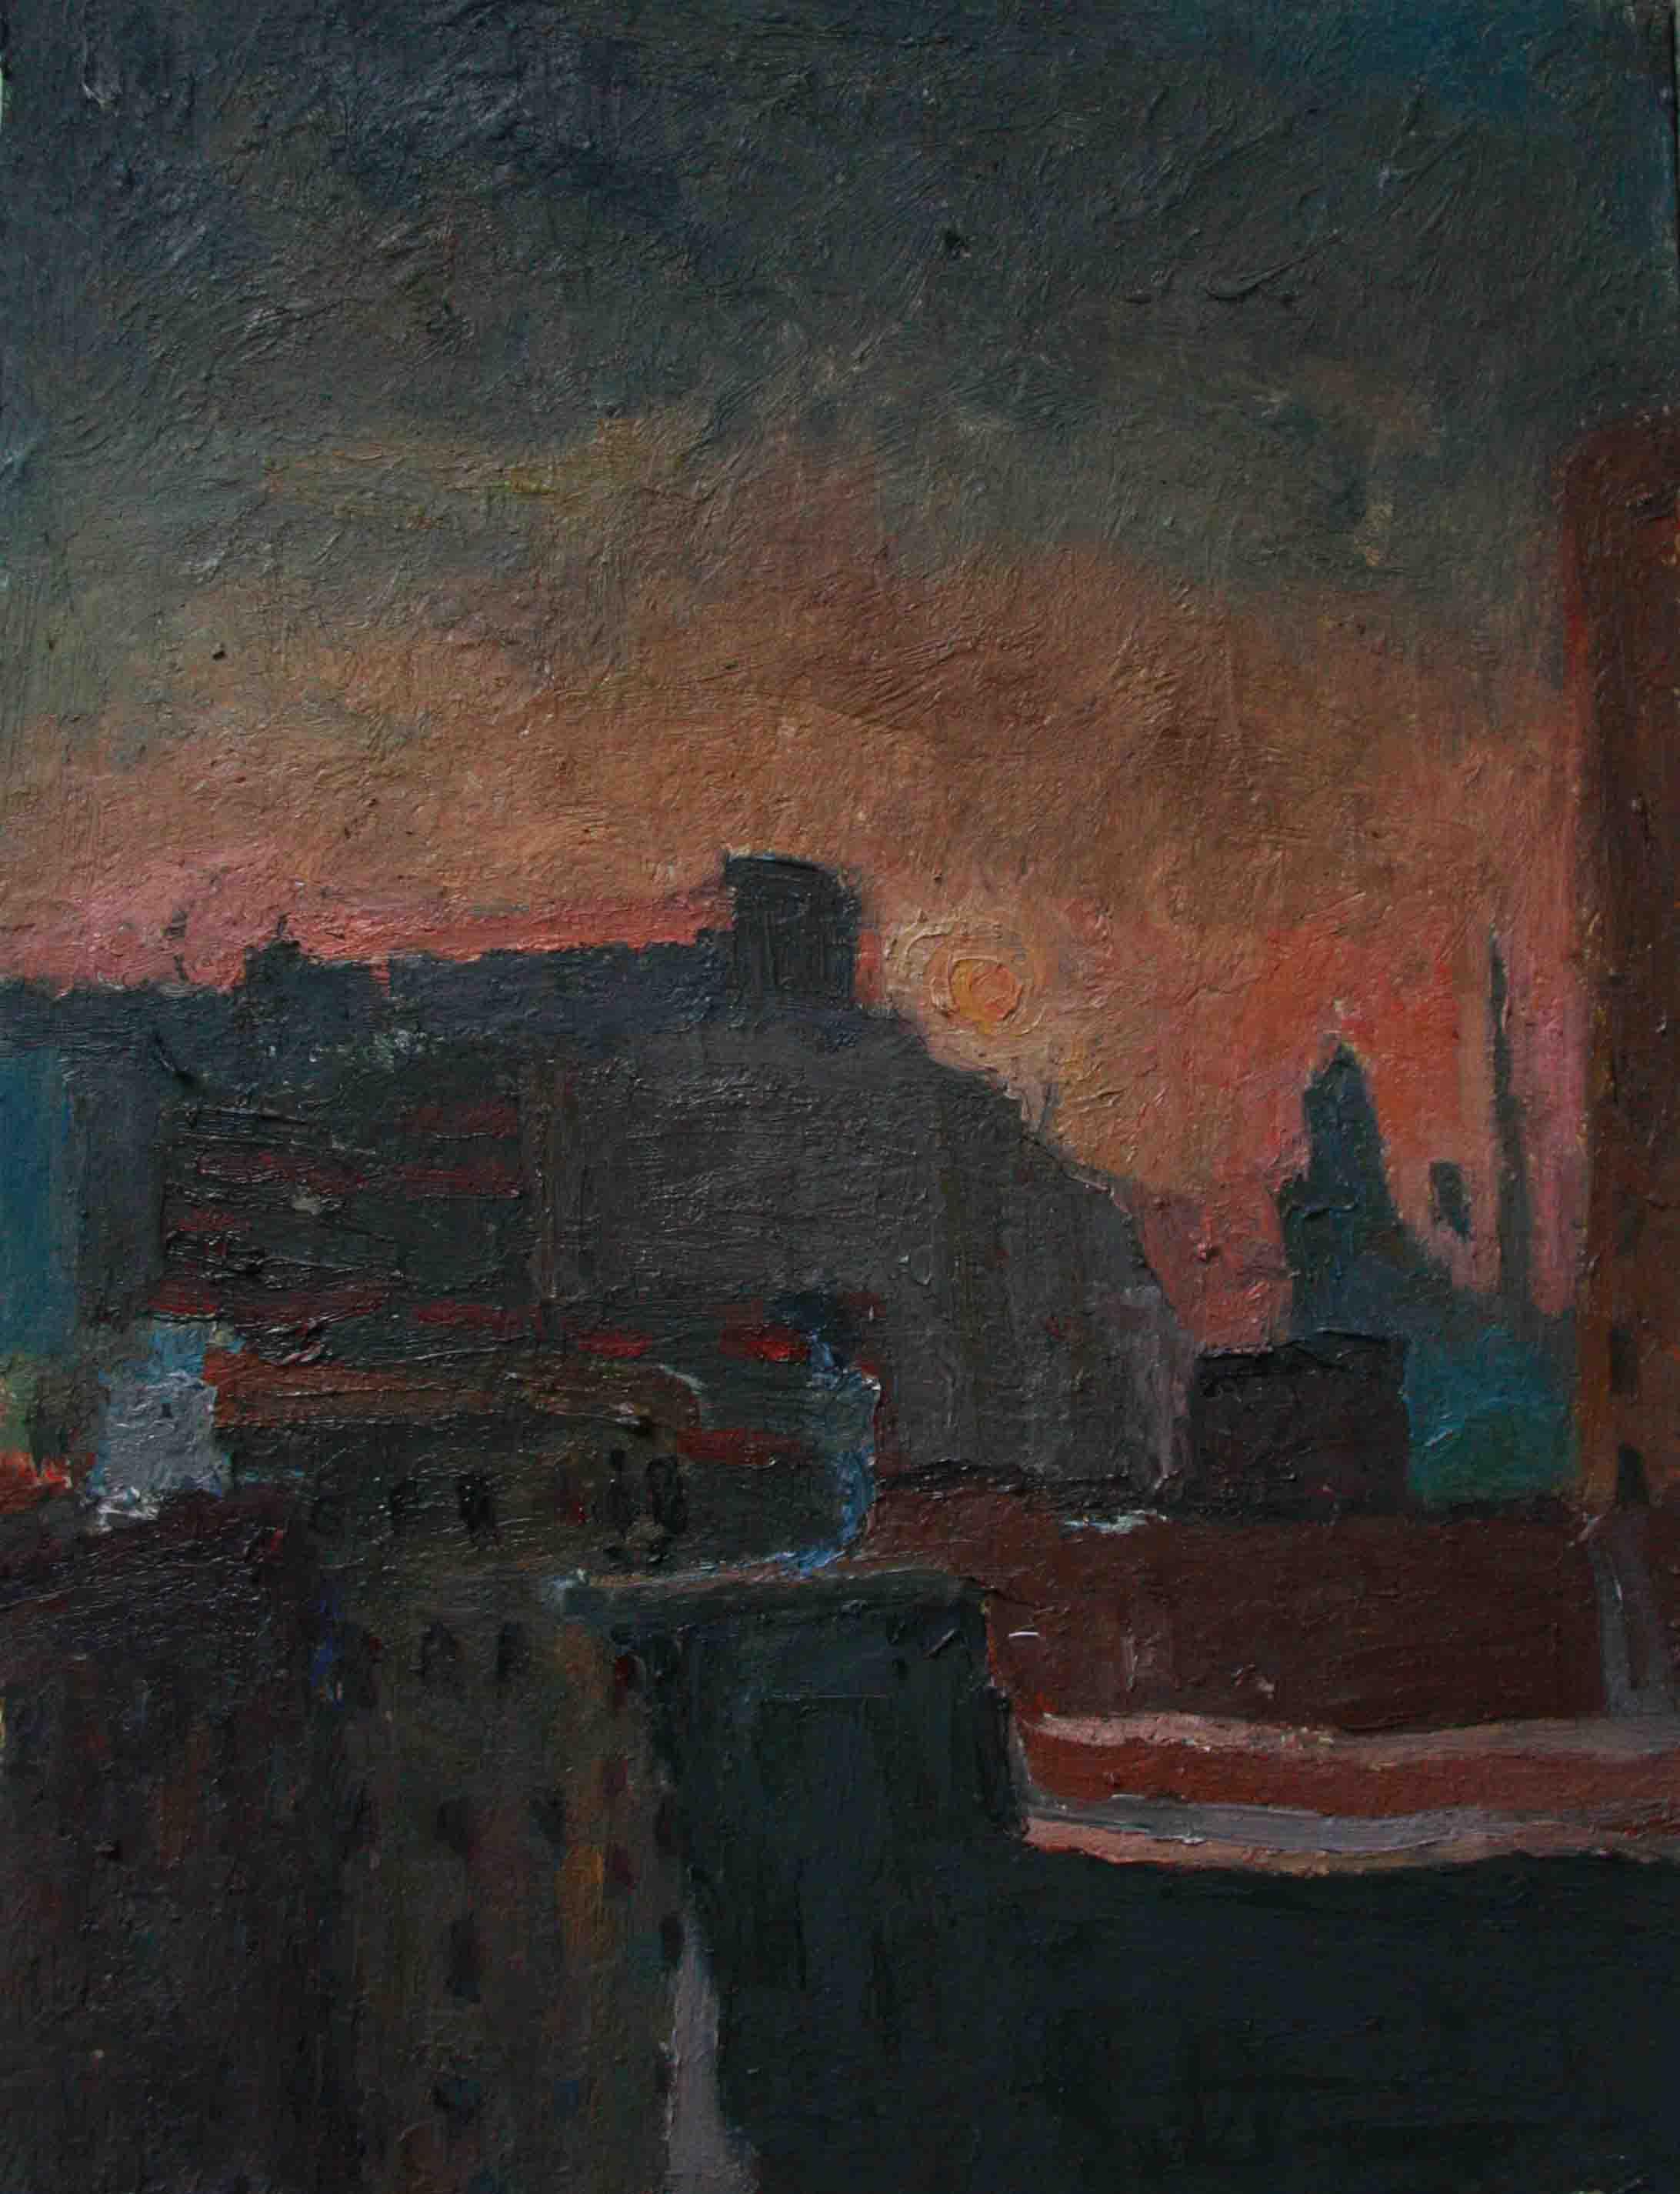 ny-painting-45x35cm_15000784825_o